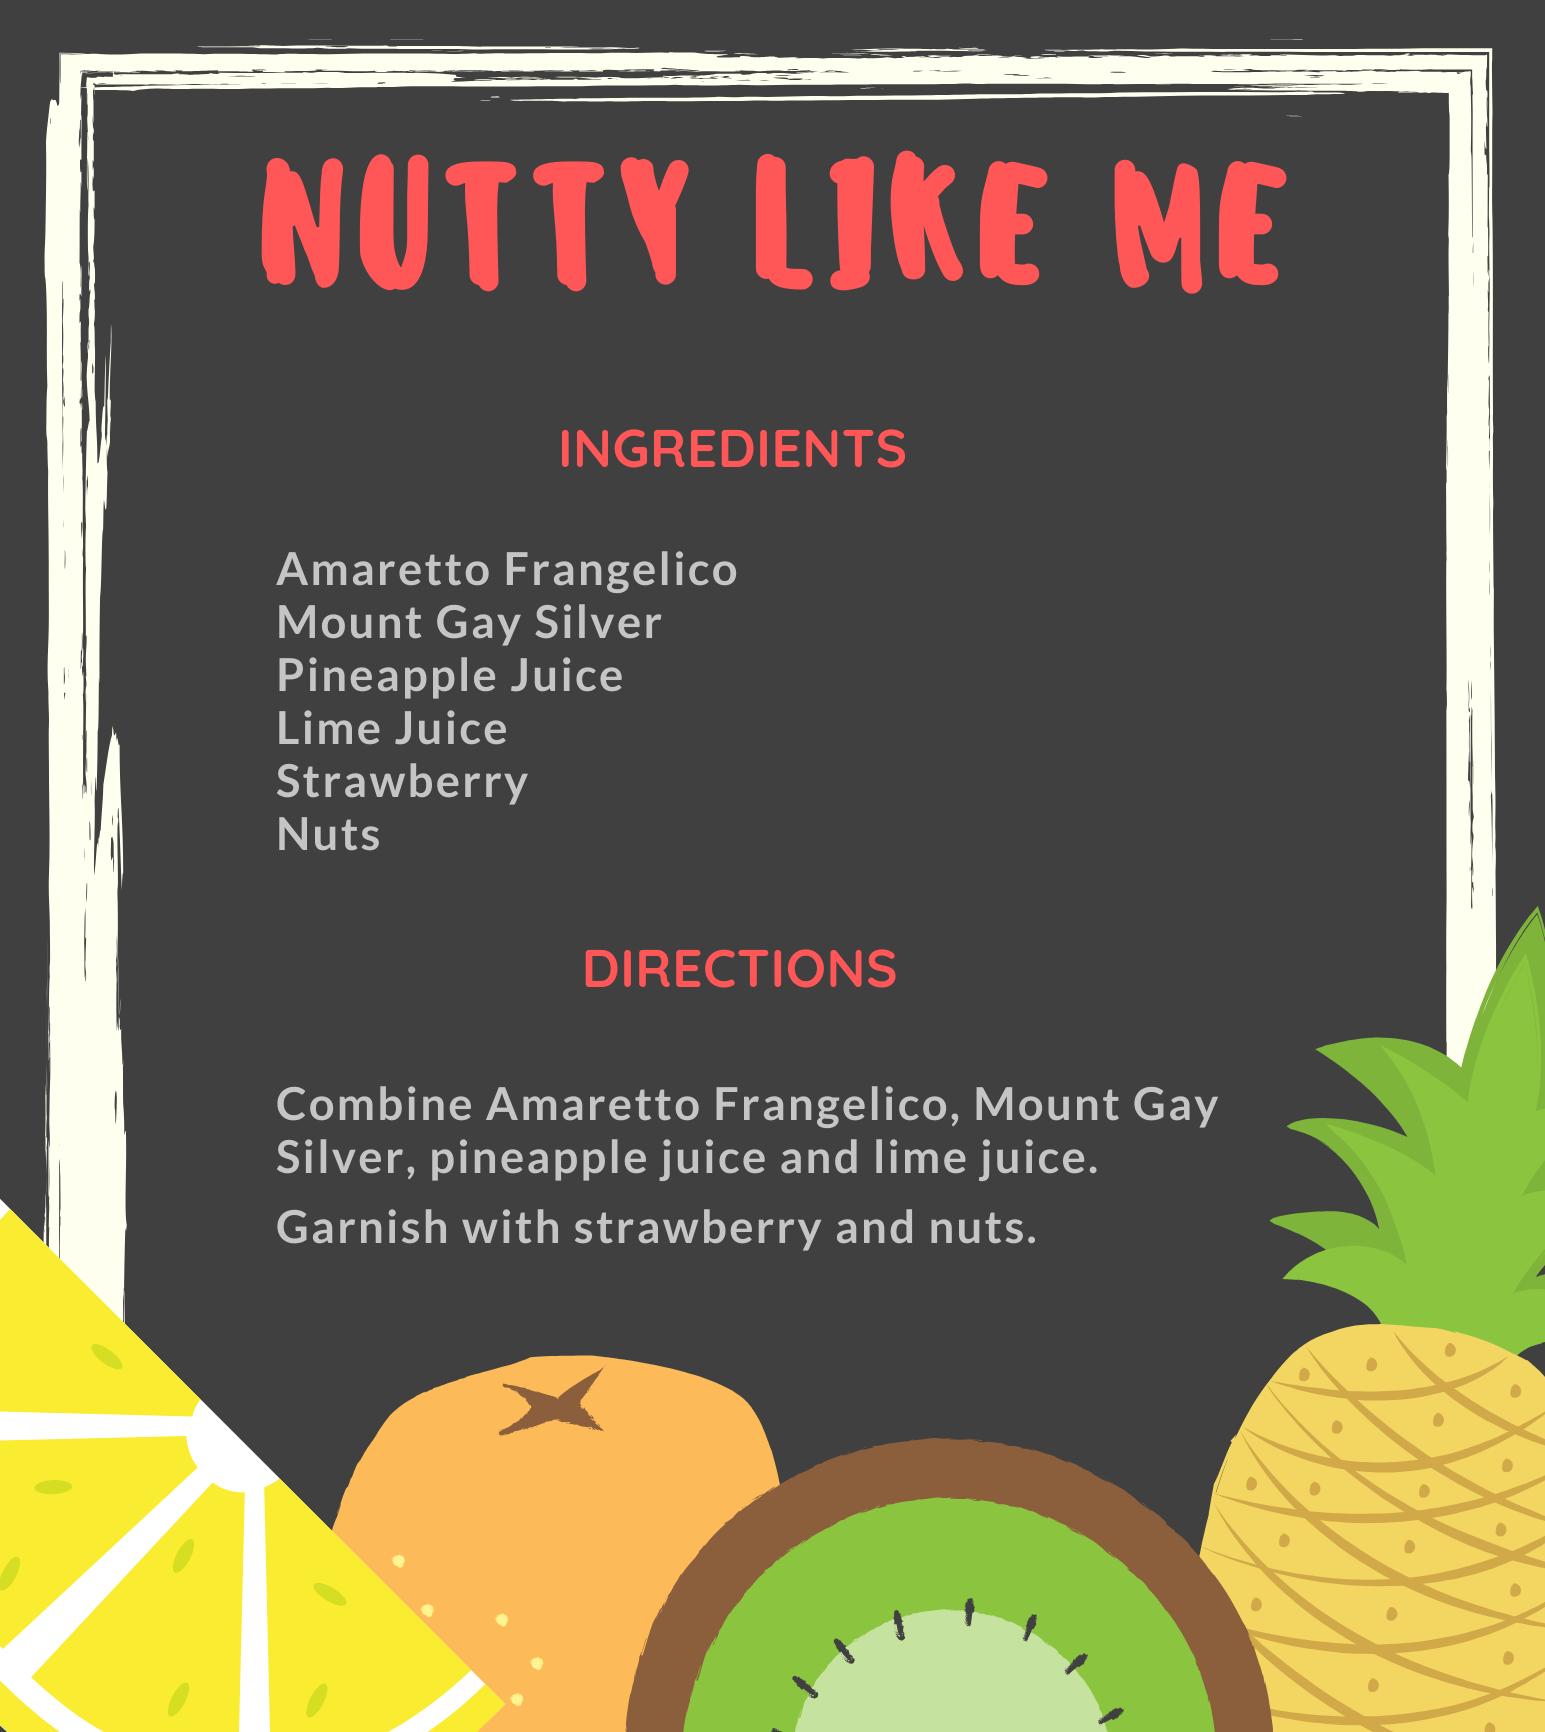 Nutty Like Me